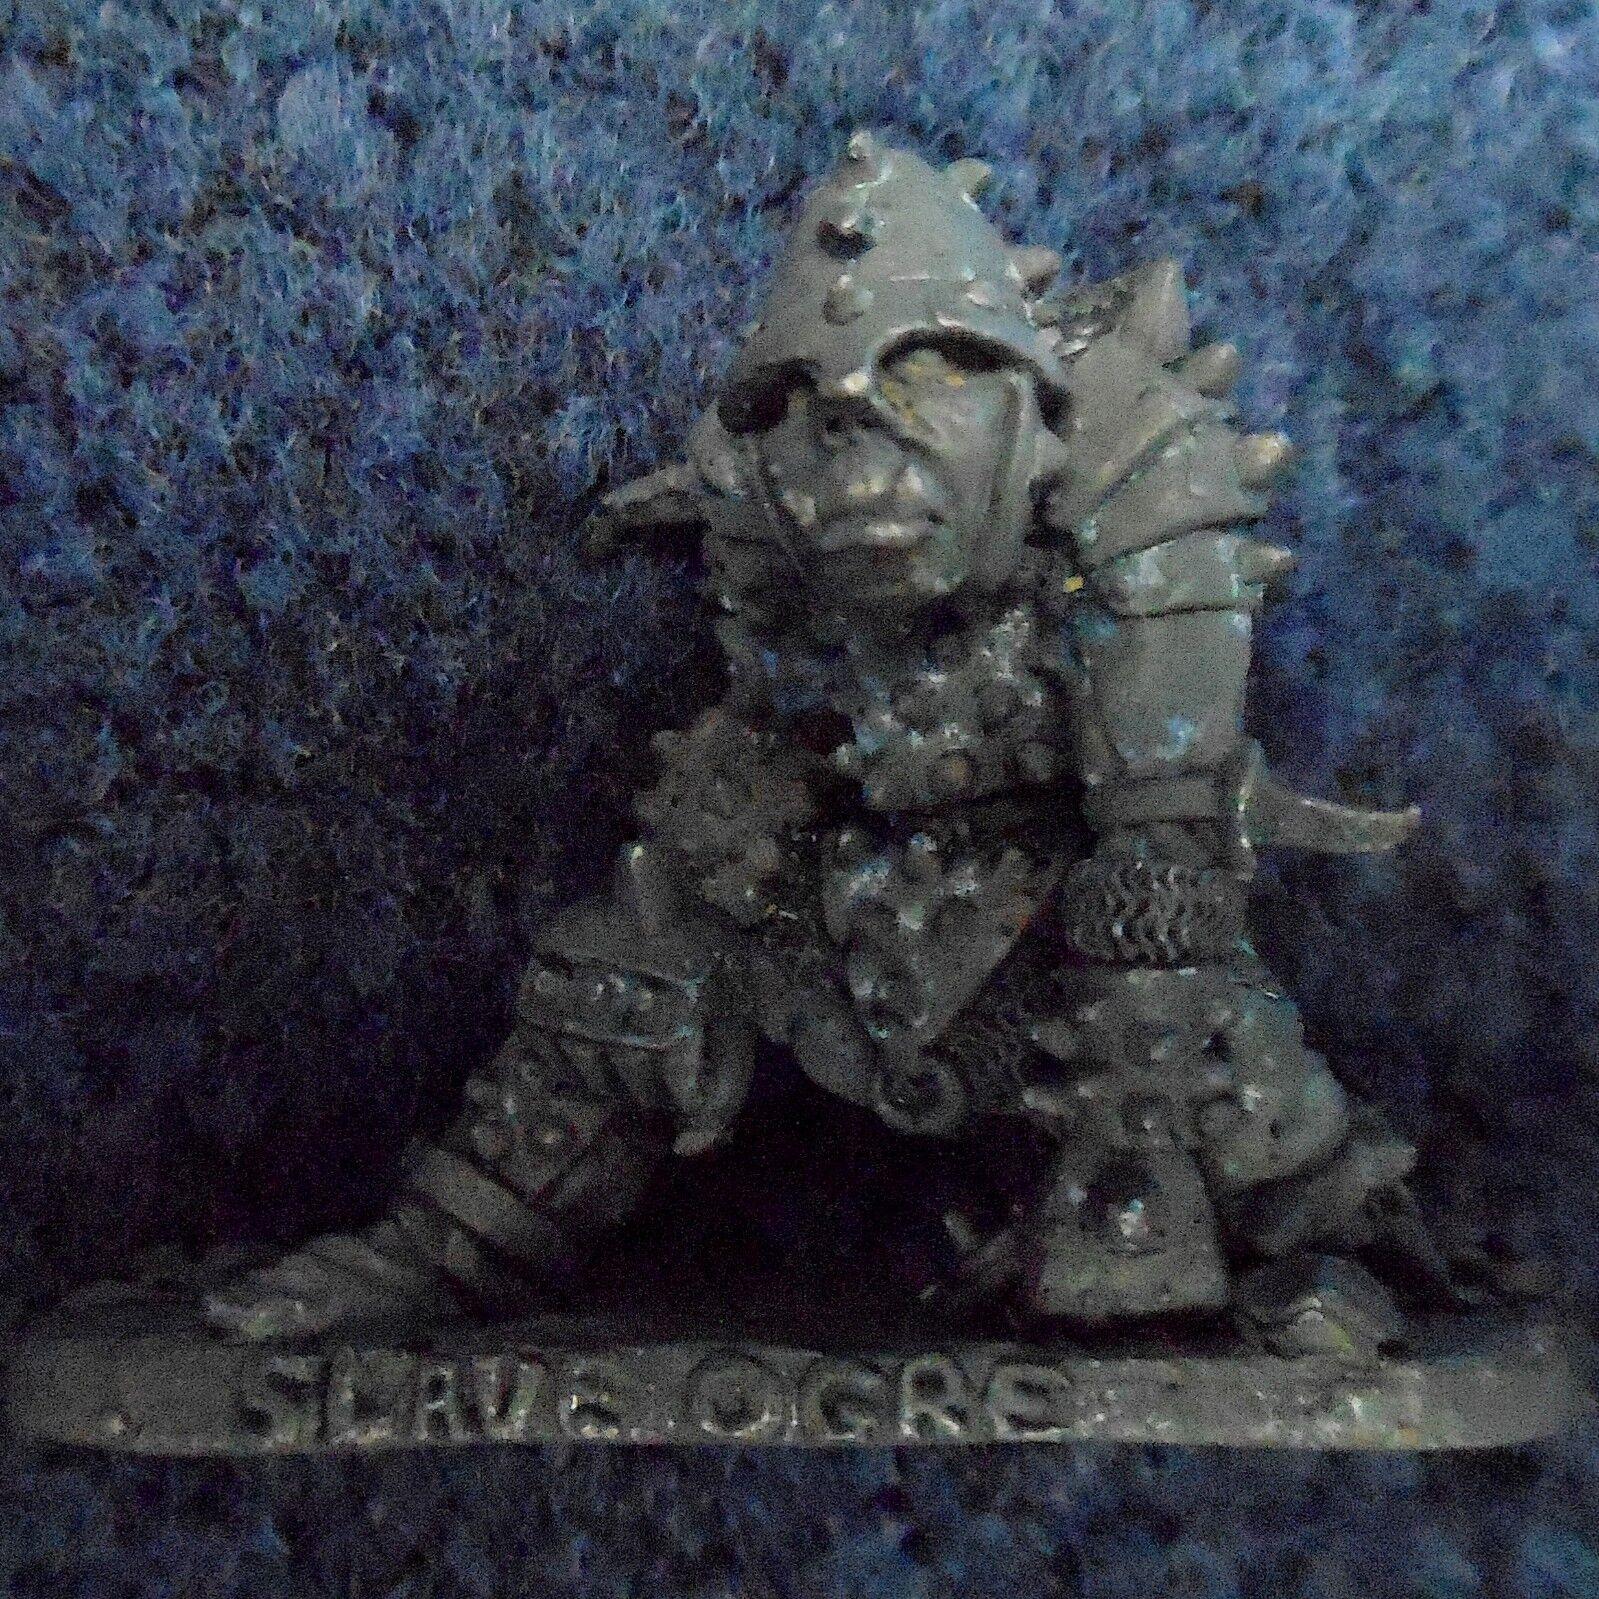 1984 Slave Ogre Ogre Ogre C23 Warhammer Armée Royaumes pré socle Games Workshop Ogryn ogor 8dfcf7